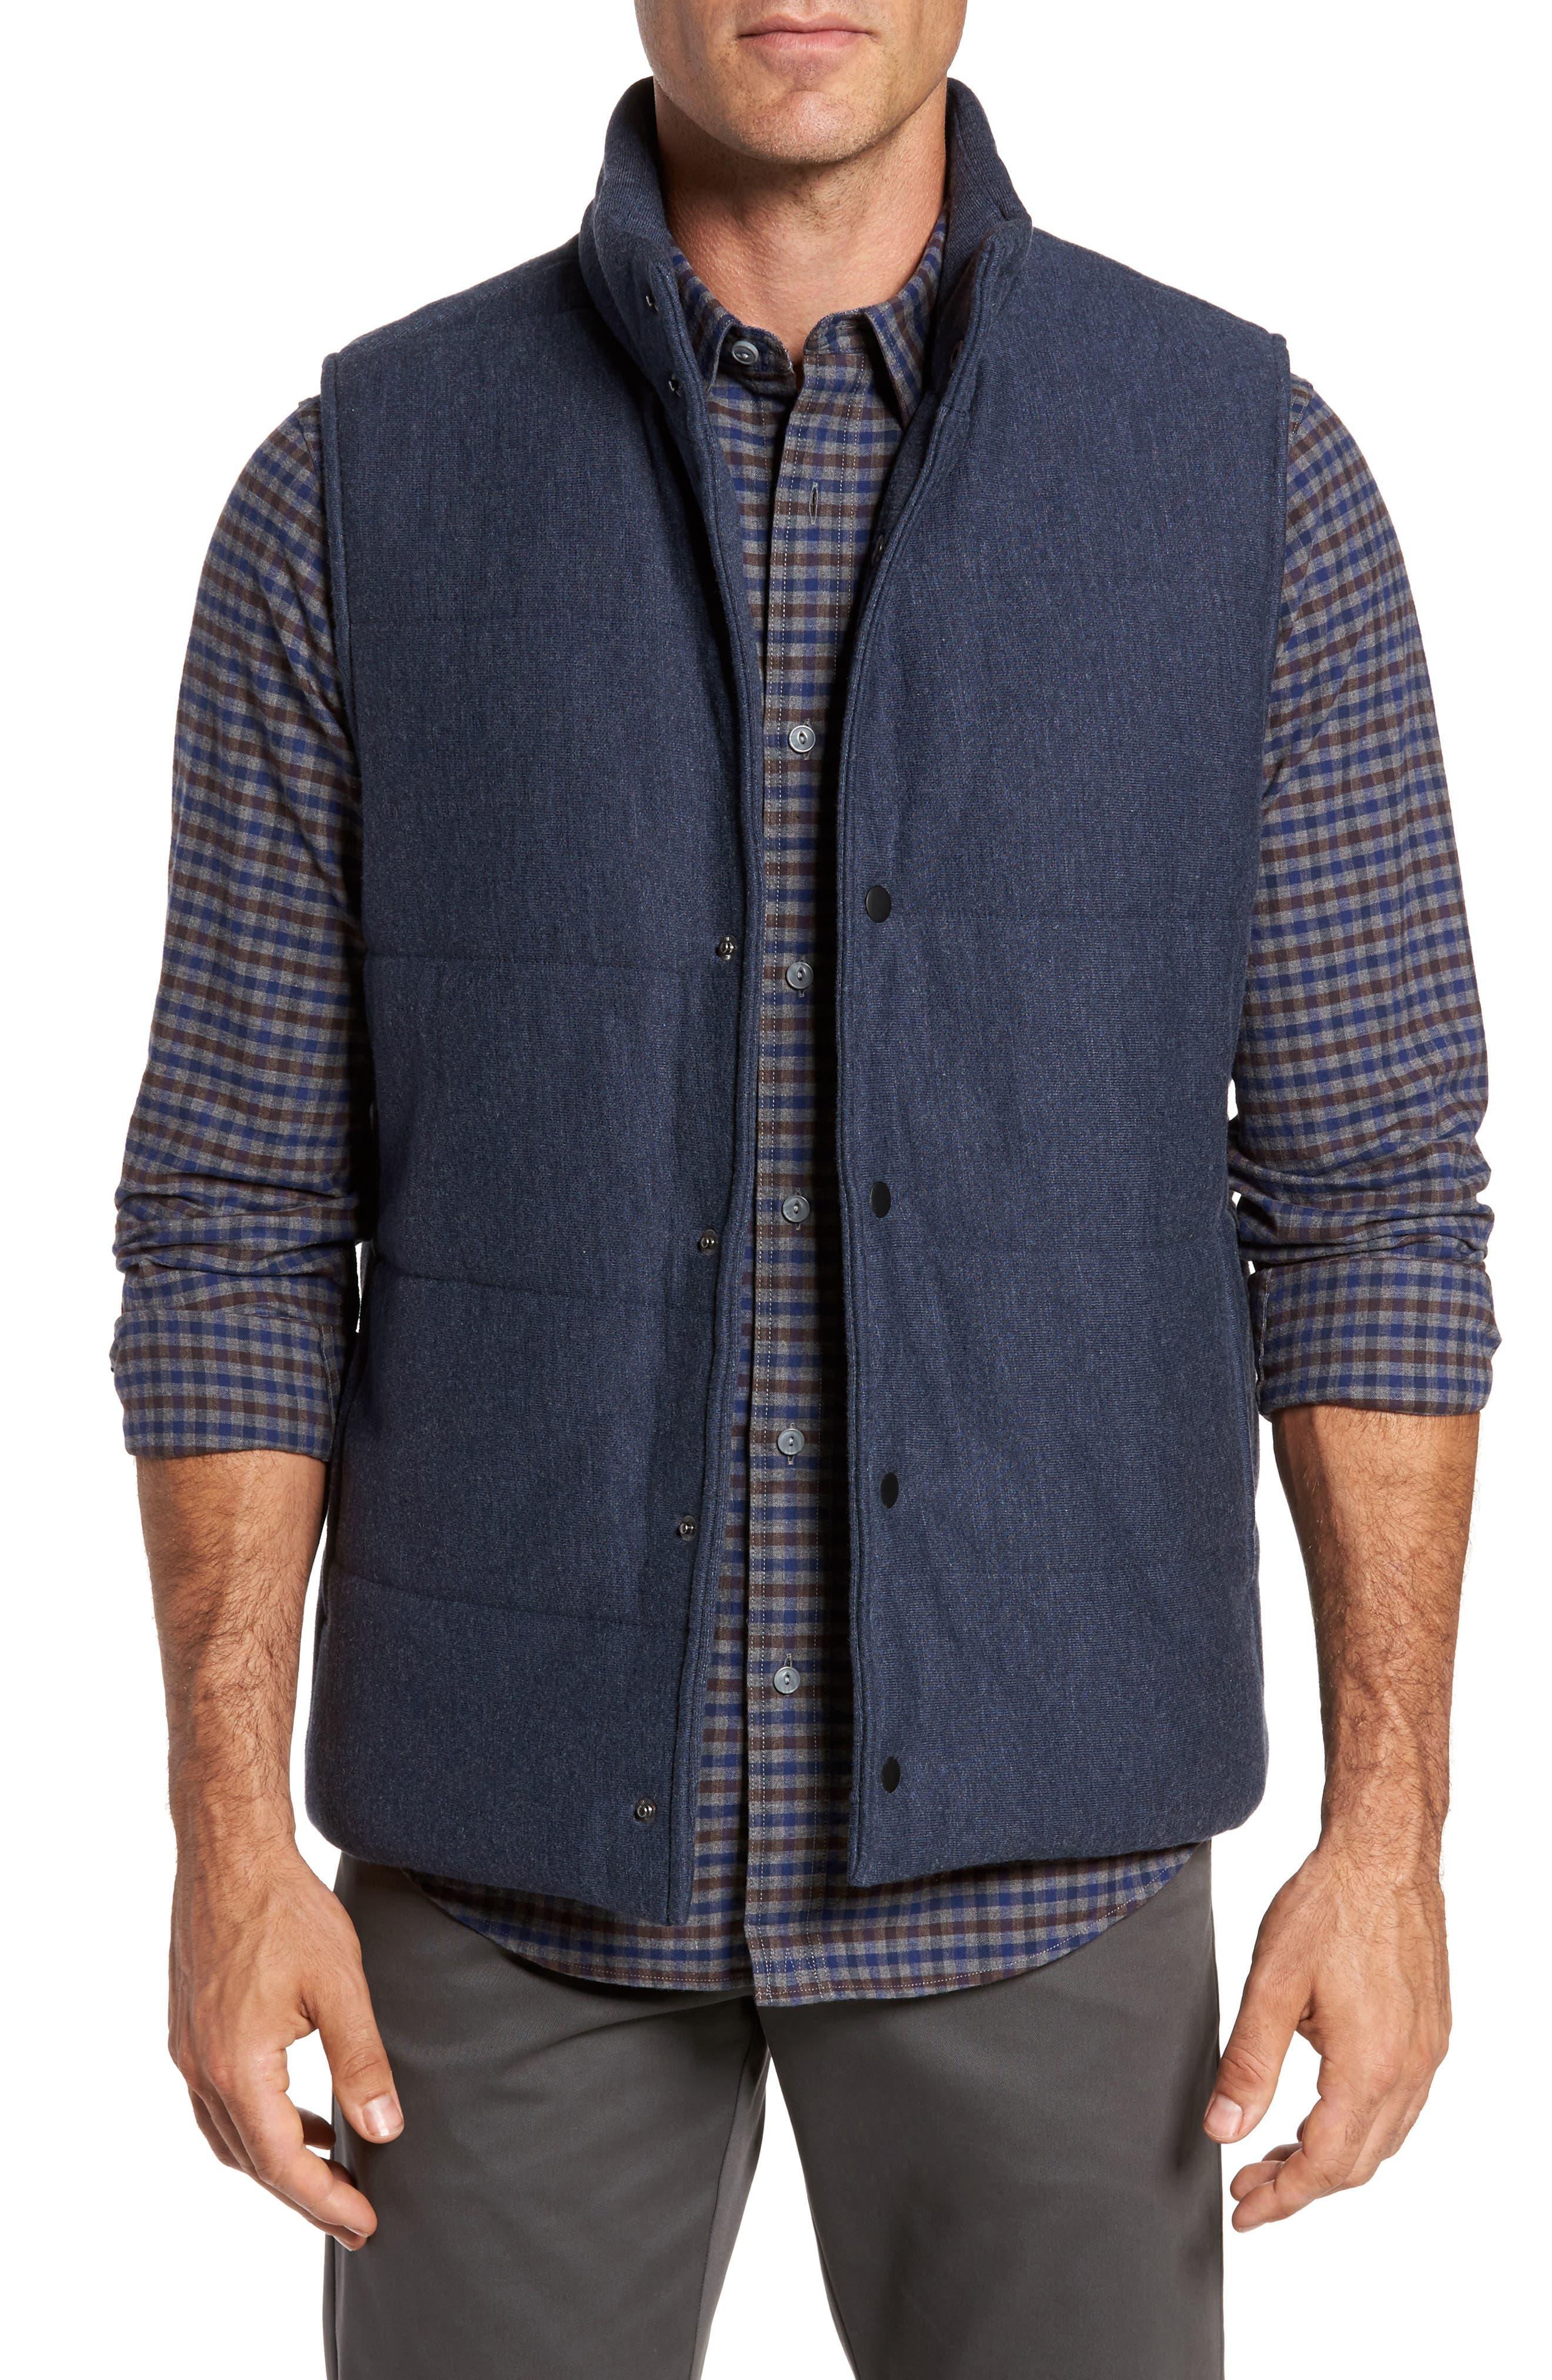 Nordstrom Men's Shop Quilted Fleece Vest